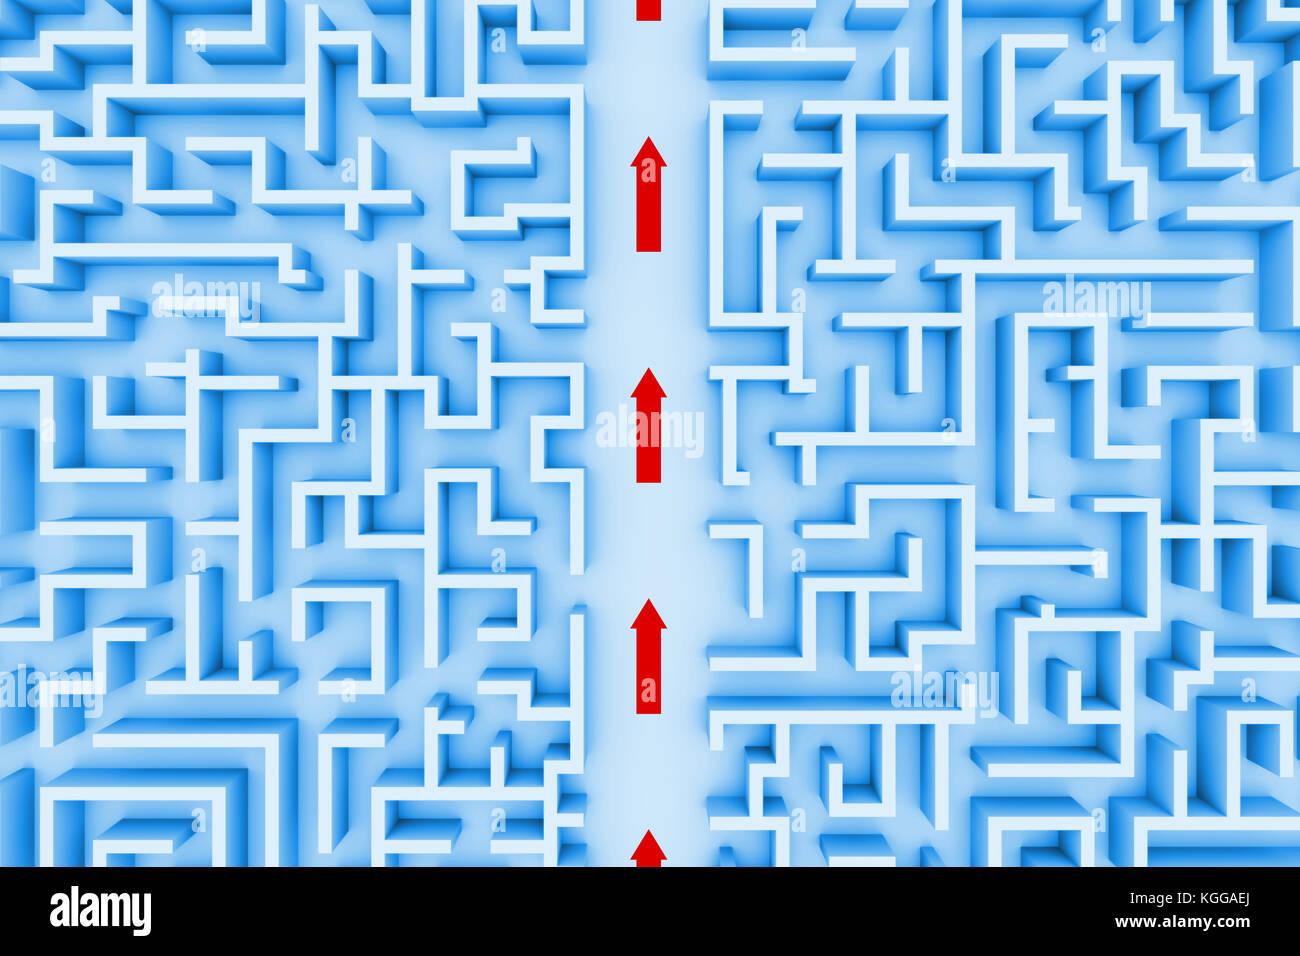 Riesige Labyrinth Struktur, rote Pfeile angezeigt, die Abkürzung durch das Labyrinth (blau 3d-Abbildung) Stockbild